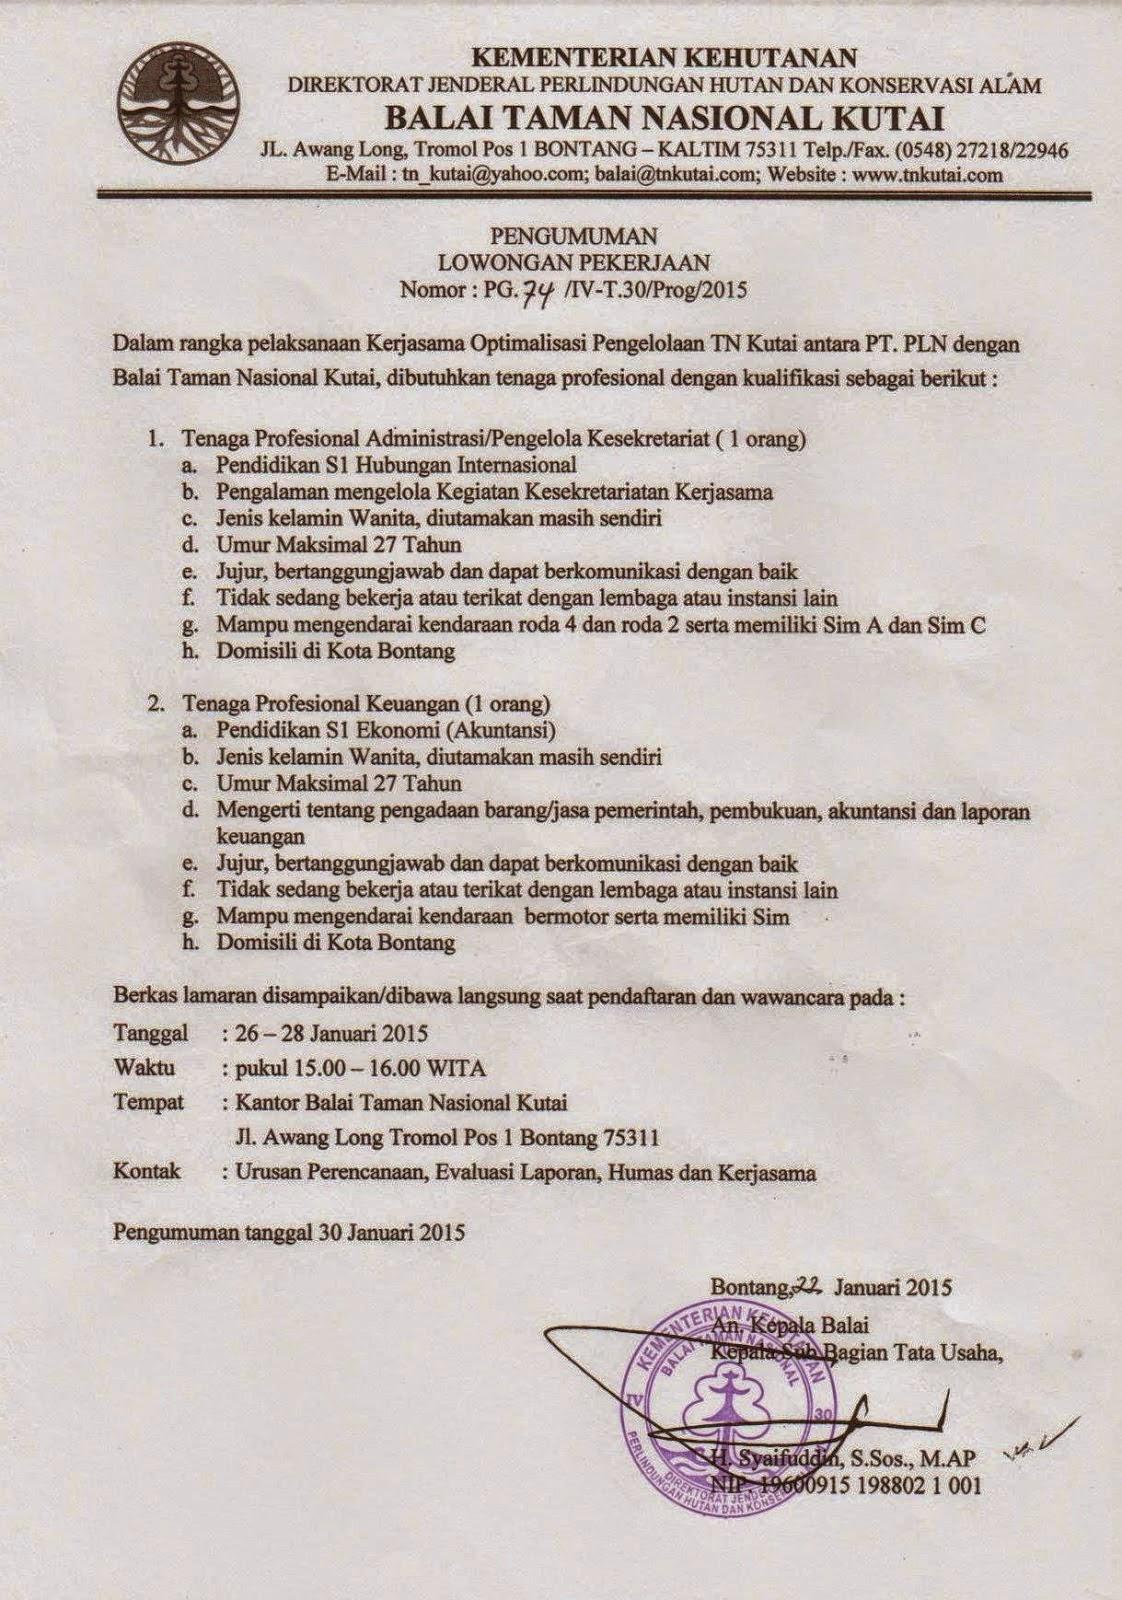 Lowongan Kerja Balai Taman Nasional Kutai Bontang